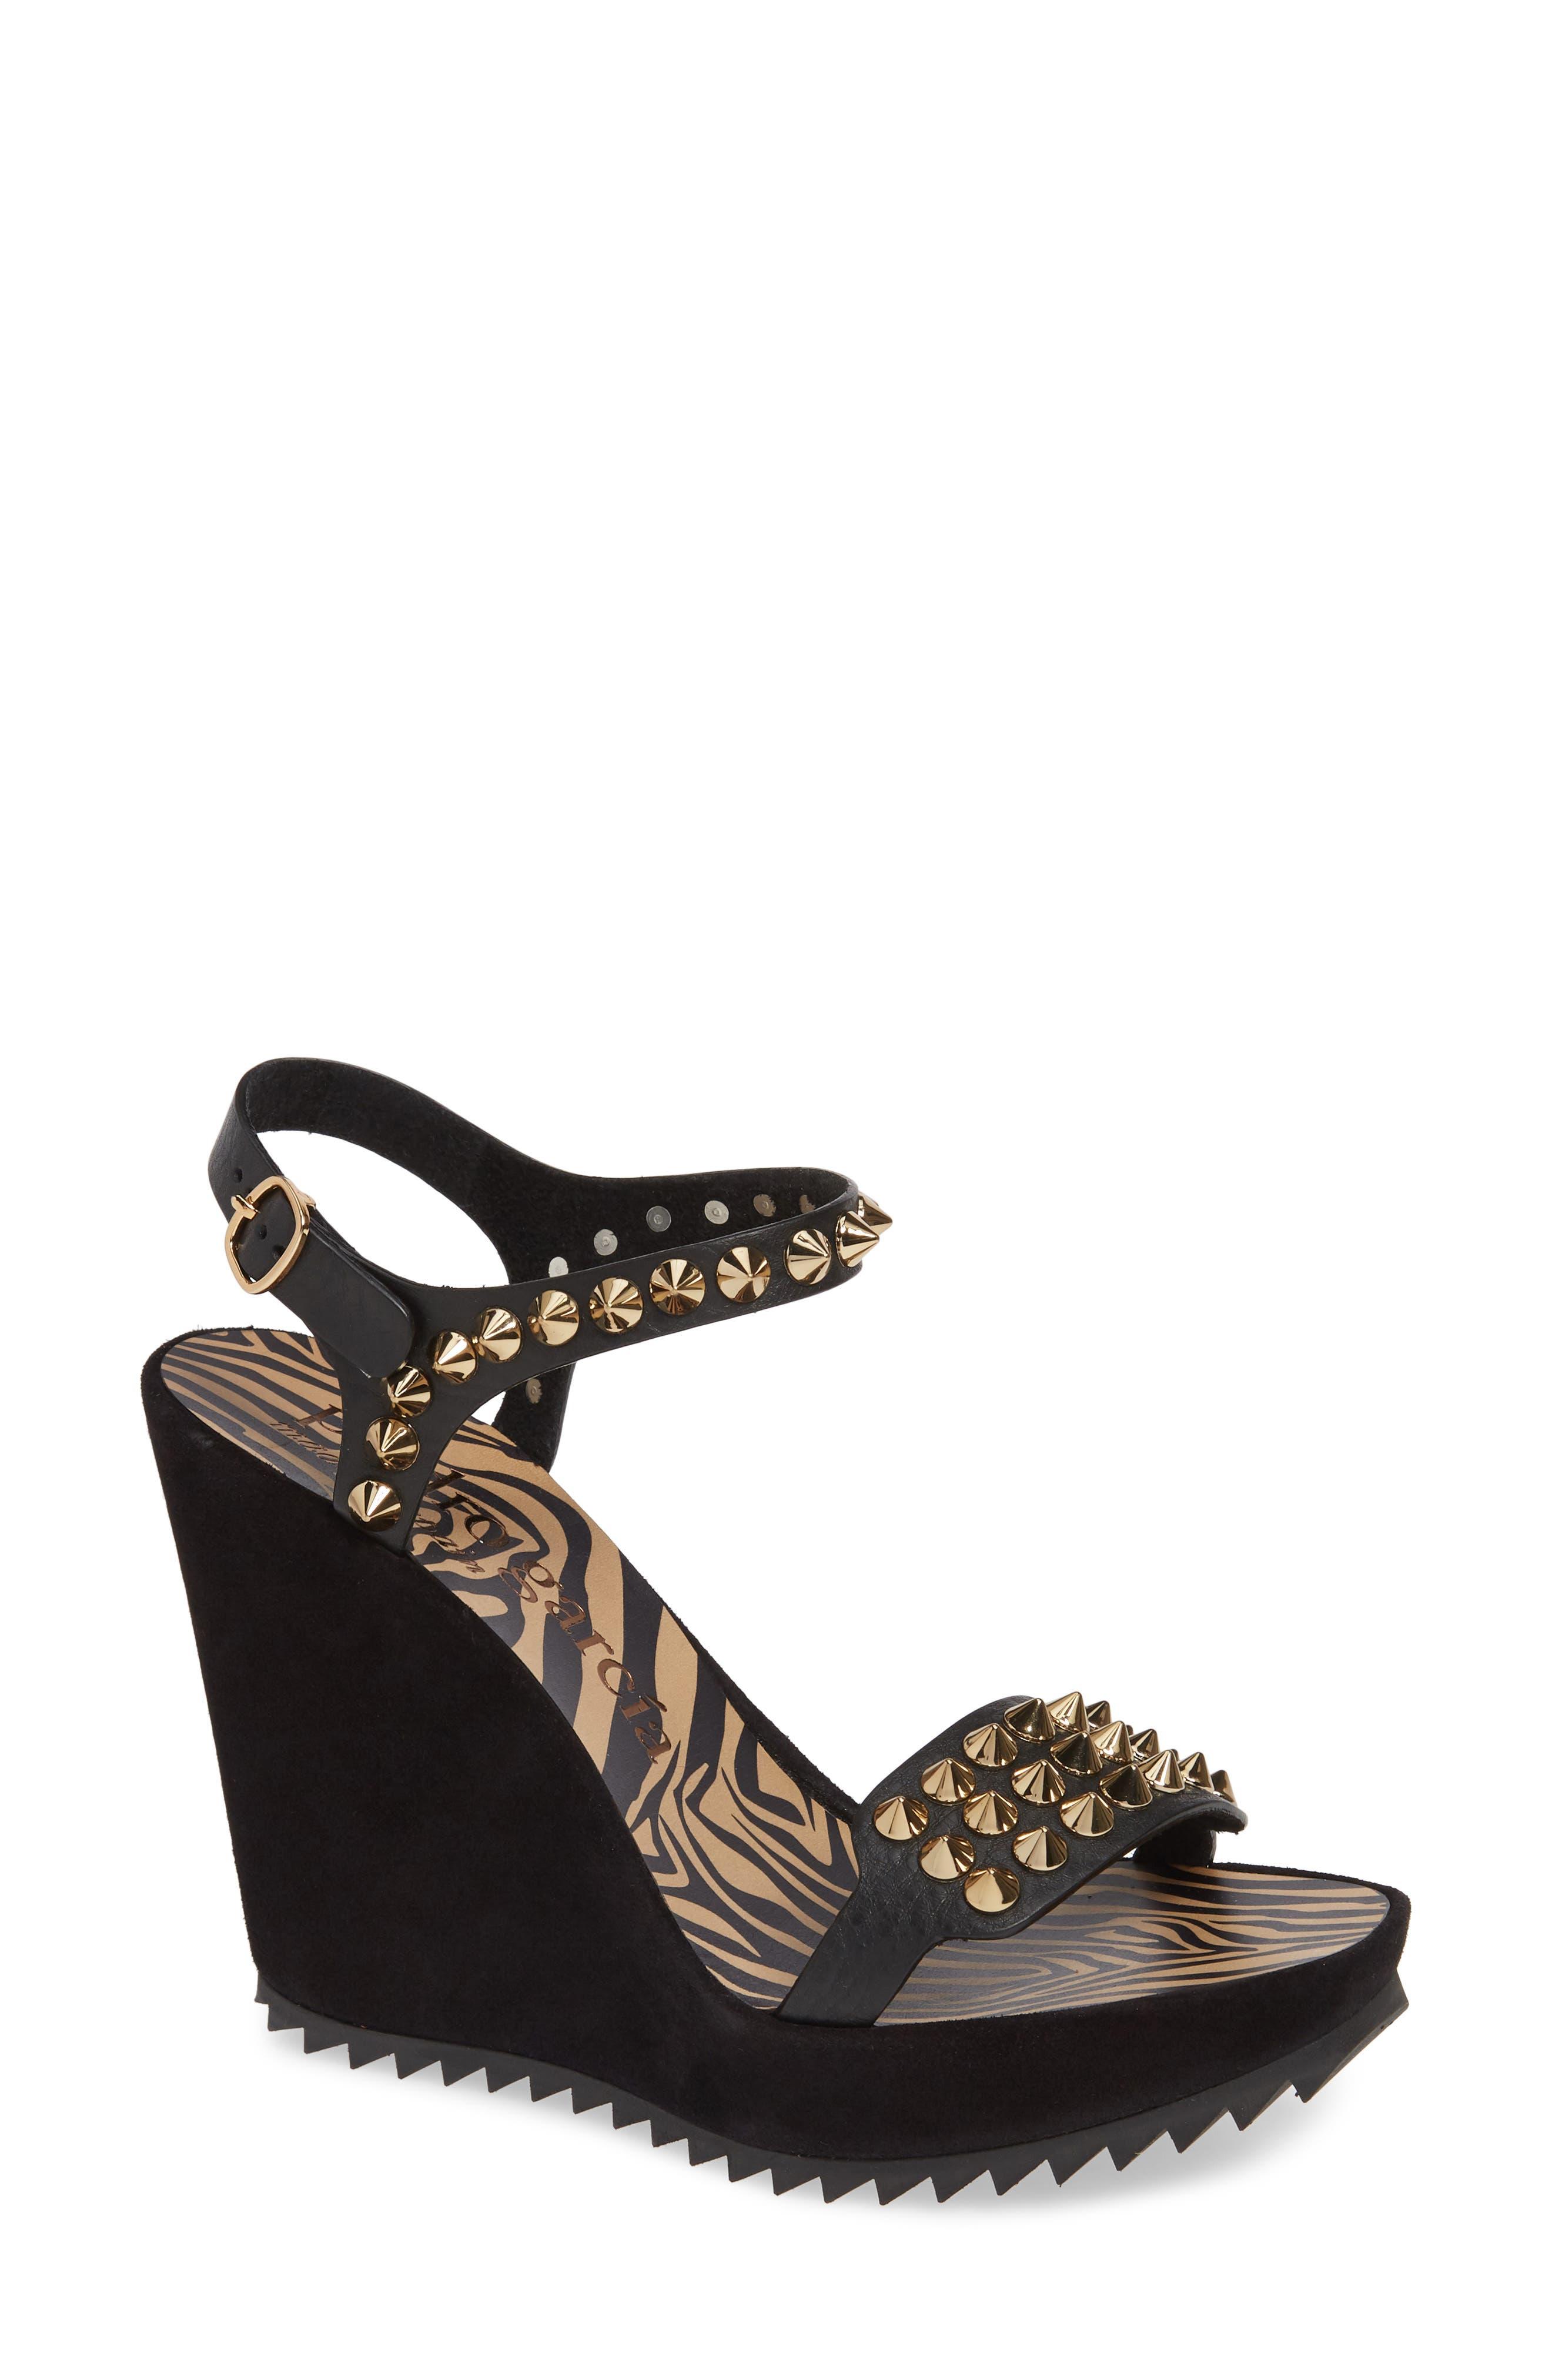 PEDRO GARCIA Voka Studded Wedge Sandal, Main, color, BLACK SUEDE